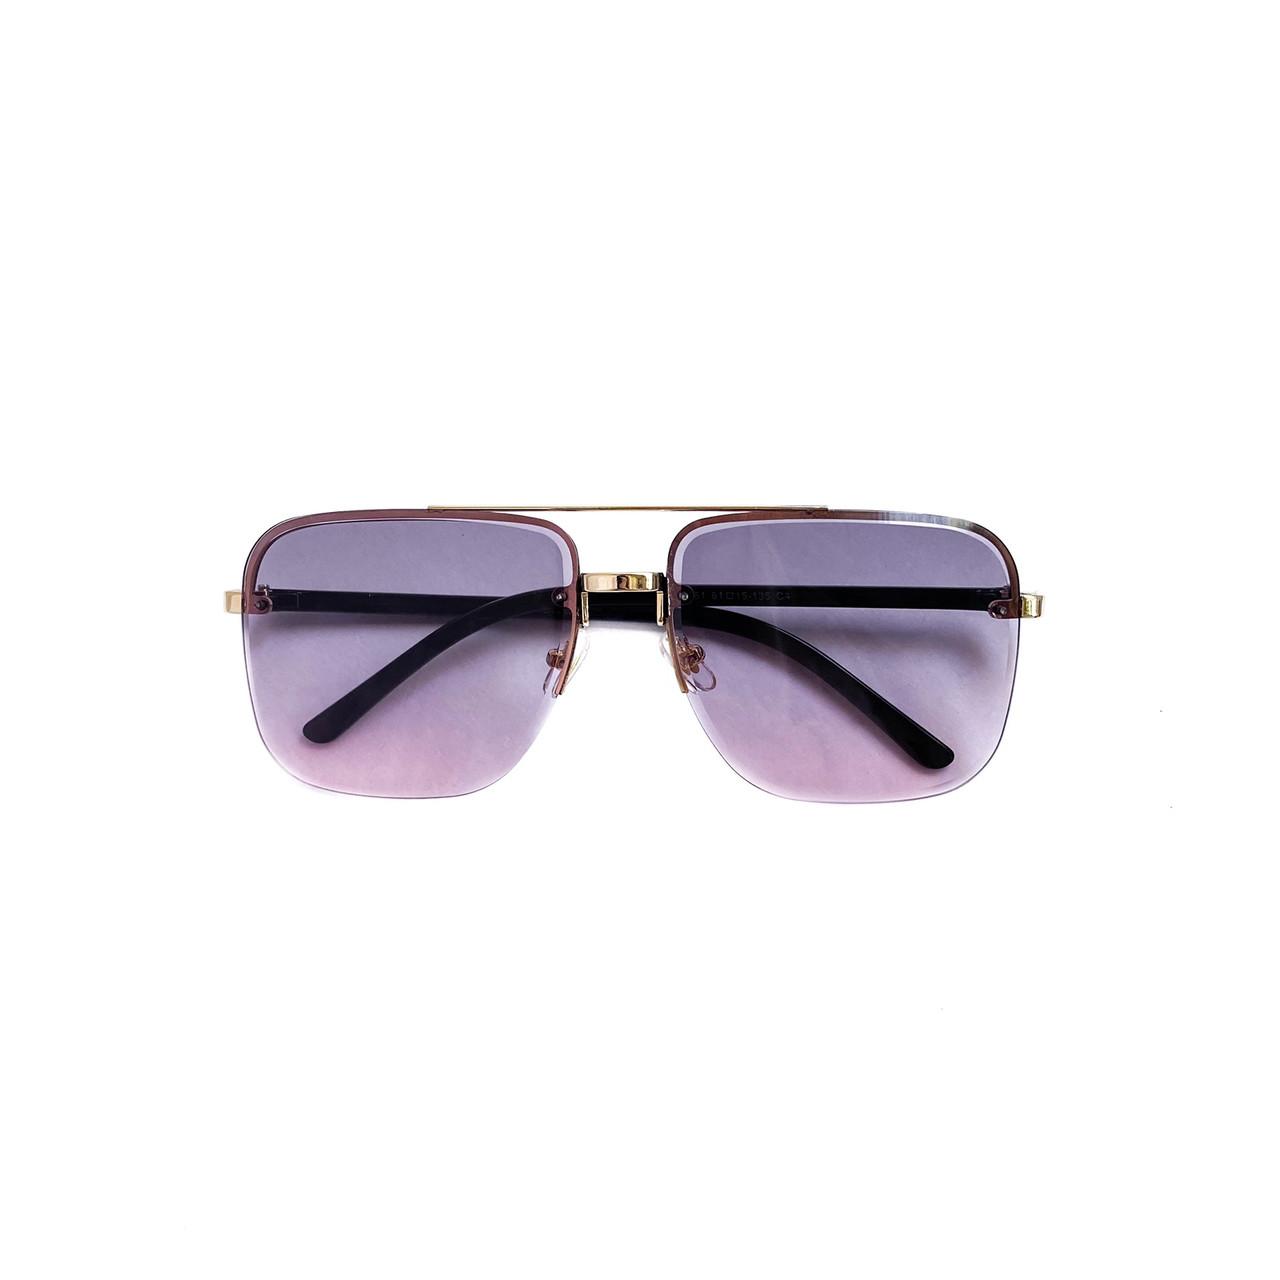 Имиджевые солнцезащитные очки унисекс в тонкой металлической оправе vN7939